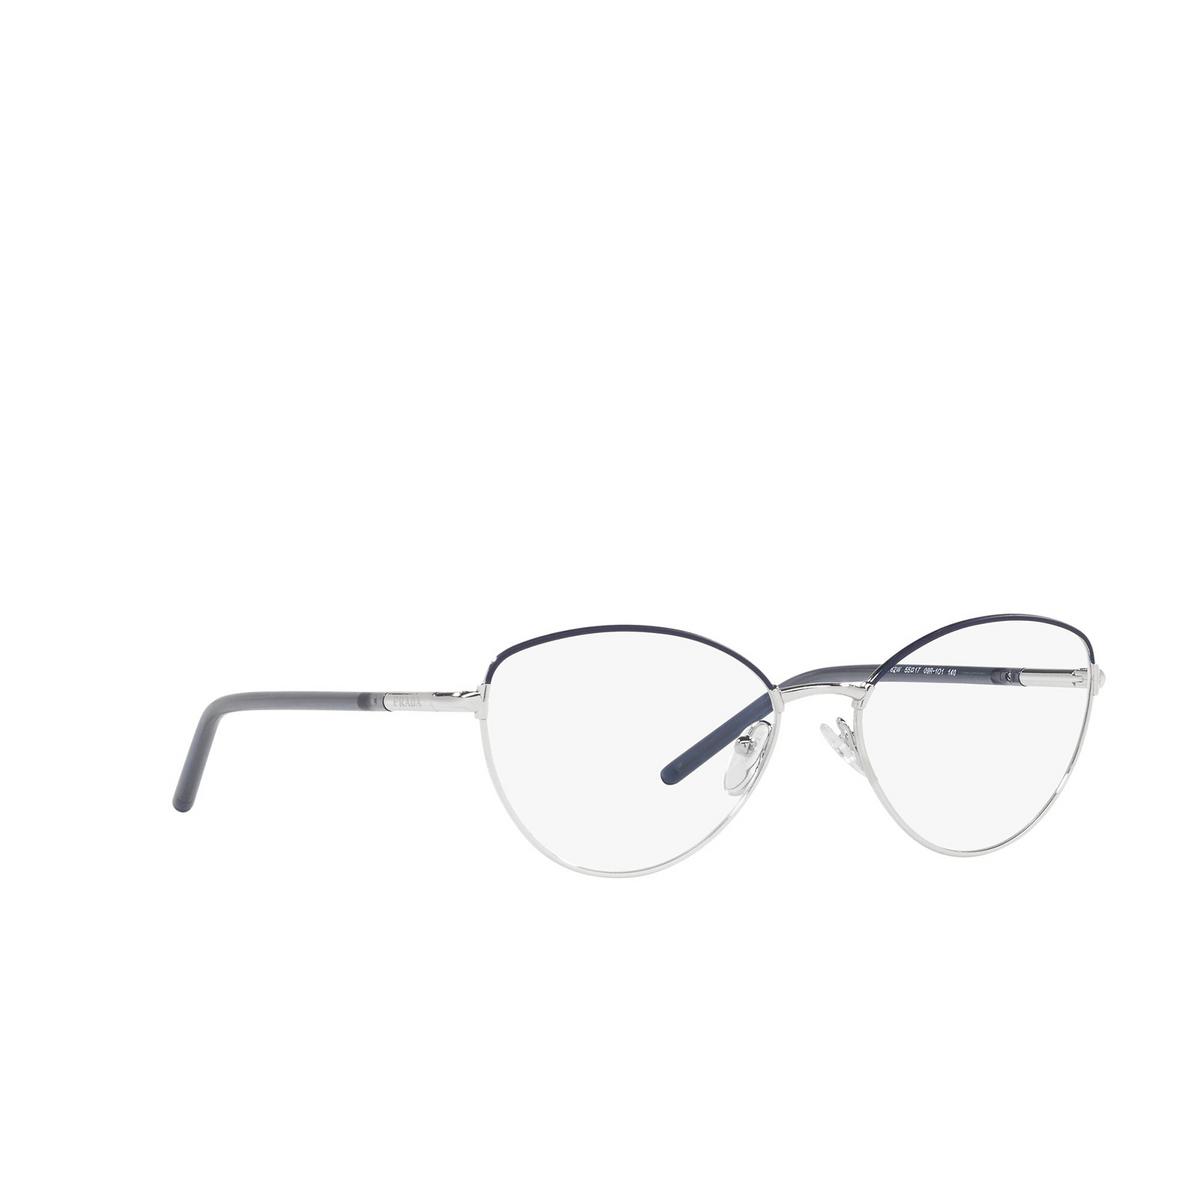 Prada® Butterfly Eyeglasses: PR 62WV color Bluette / Silver 09R1O1 - three-quarters view.